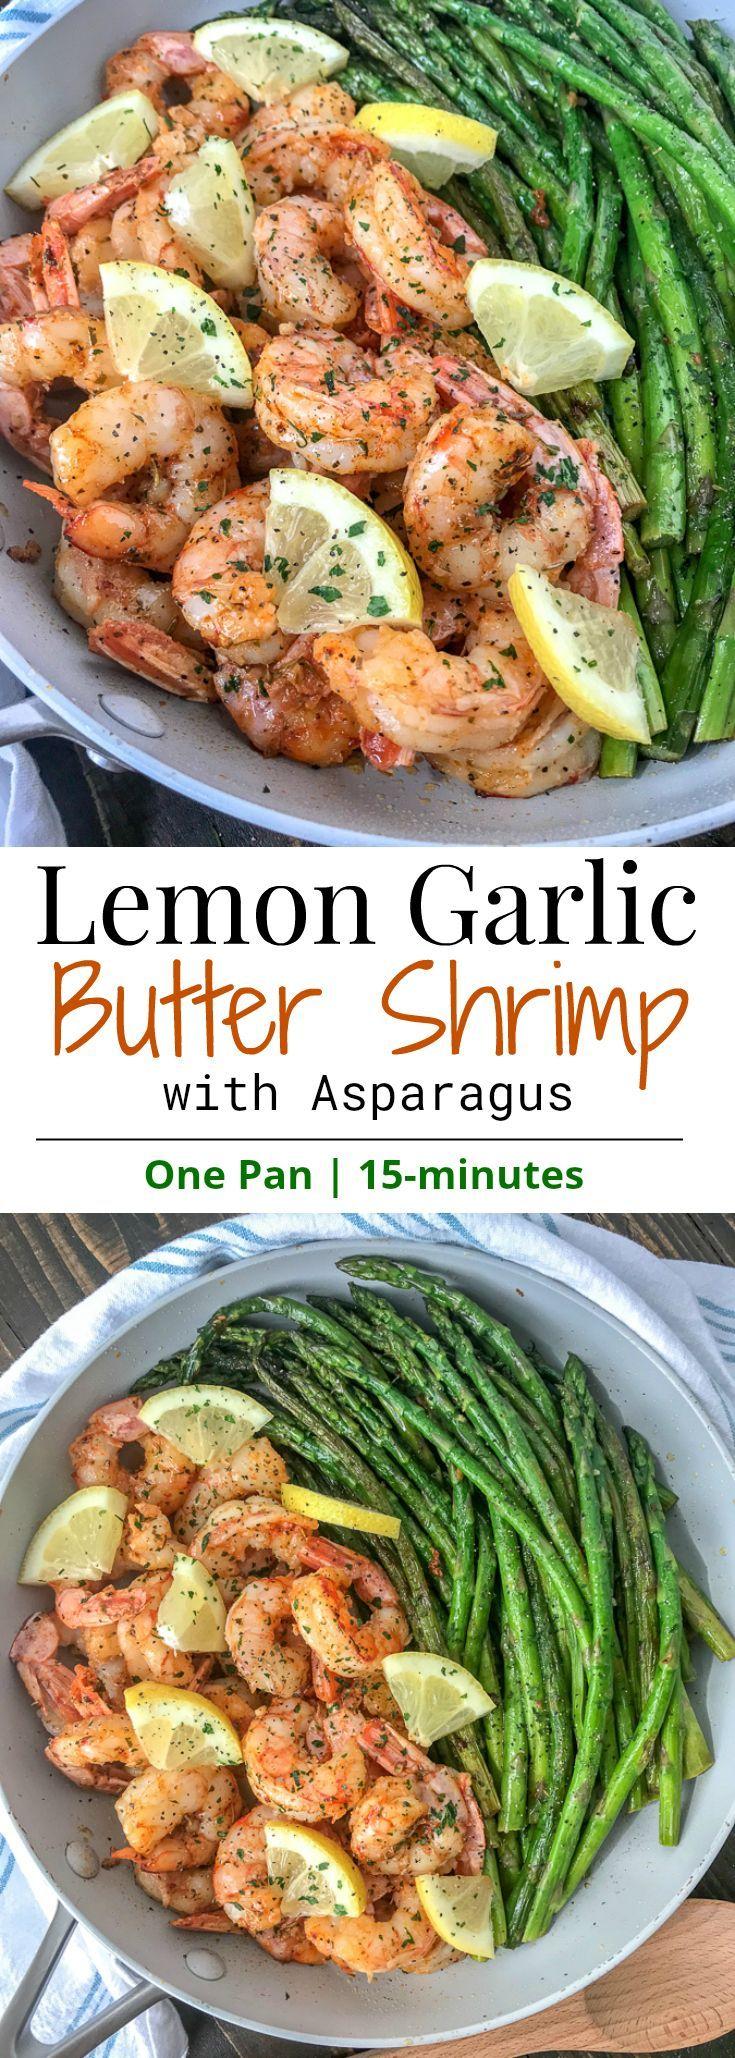 Zitronen-Knoblauch-Butter-Shrimps mit Spargel – dies ist eine einfache, leichte und …   – Amazing Low-Carb Meals